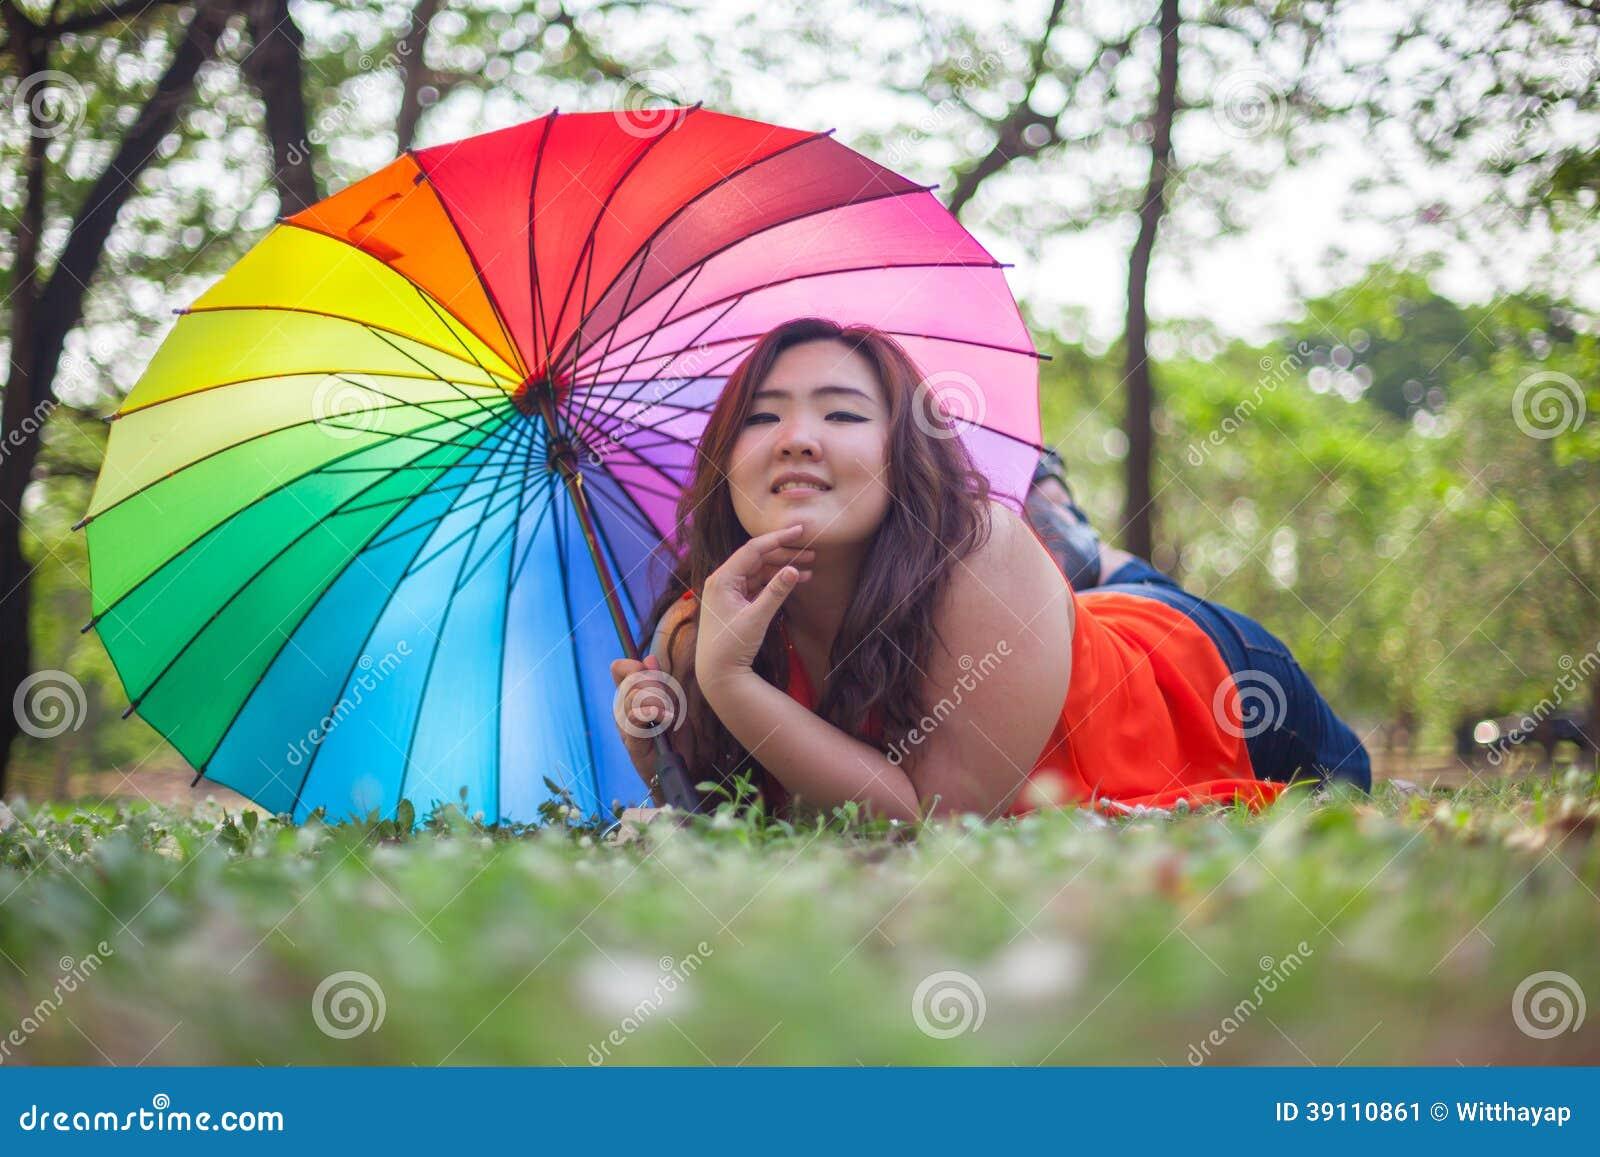 Gelukkige vettige vrouw met paraplu